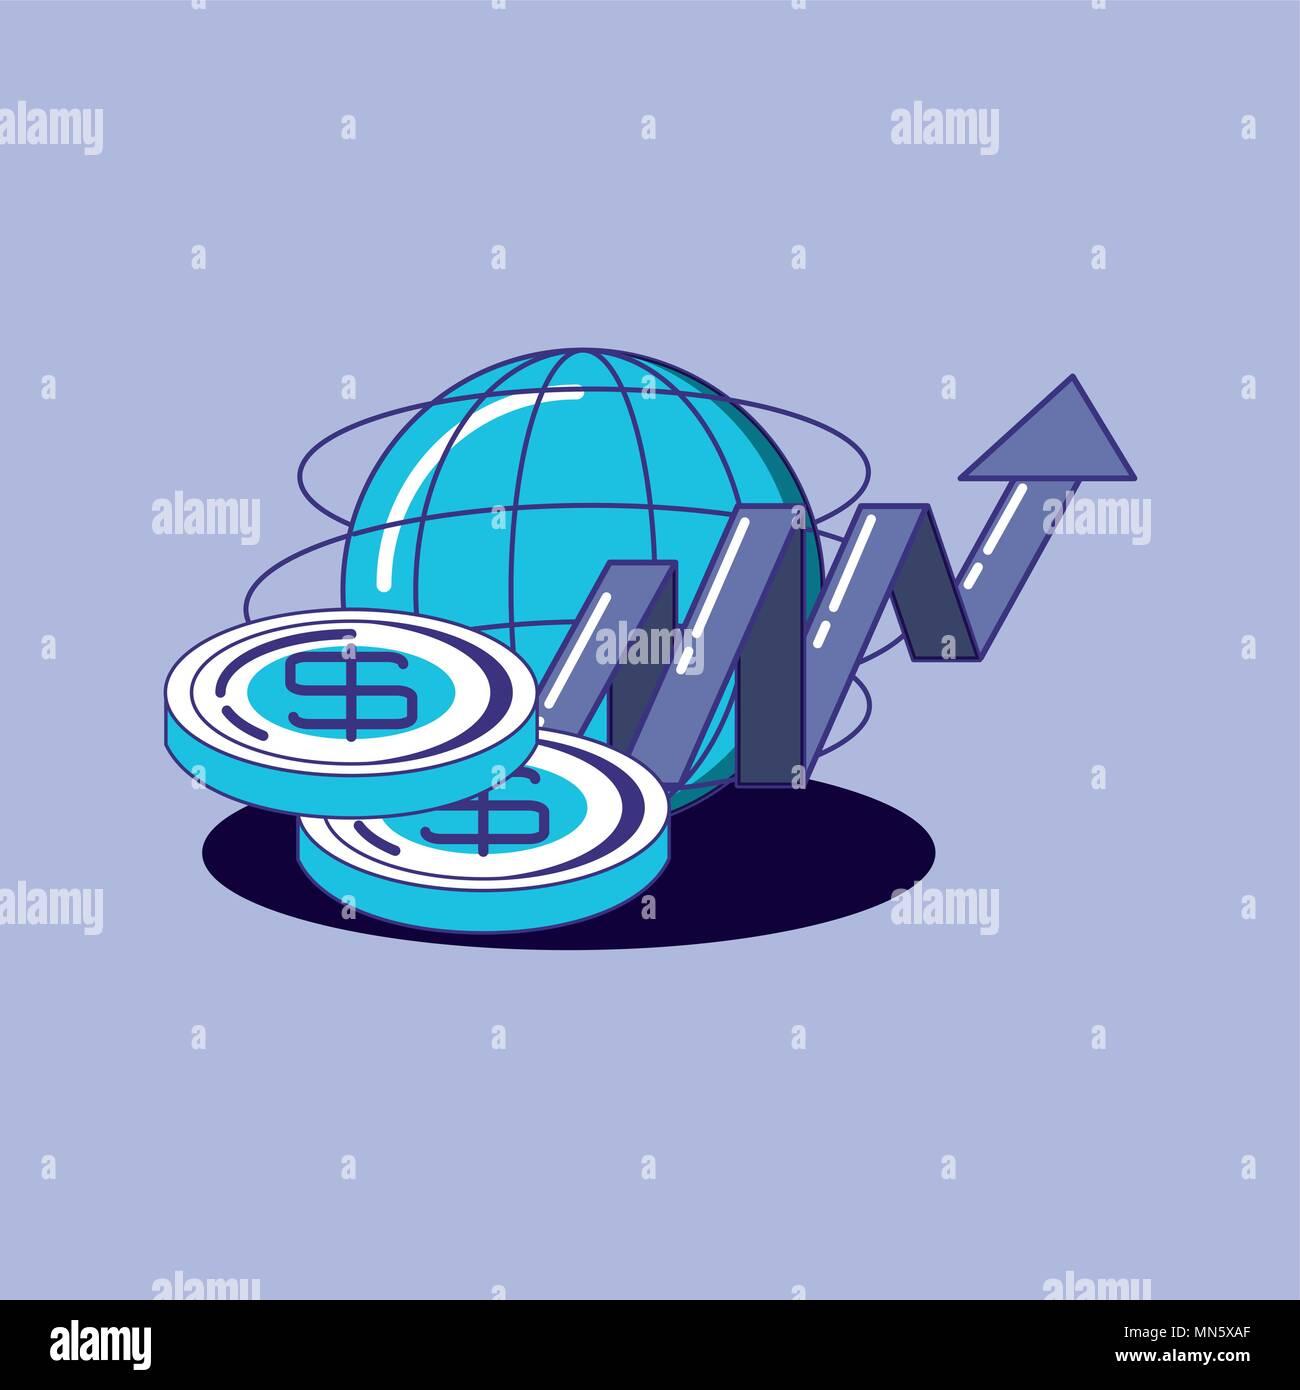 La conception de la technologie financière mondiale avec plus de pièces d'argent et de sphère fond violet, design coloré. vector illustration Photo Stock